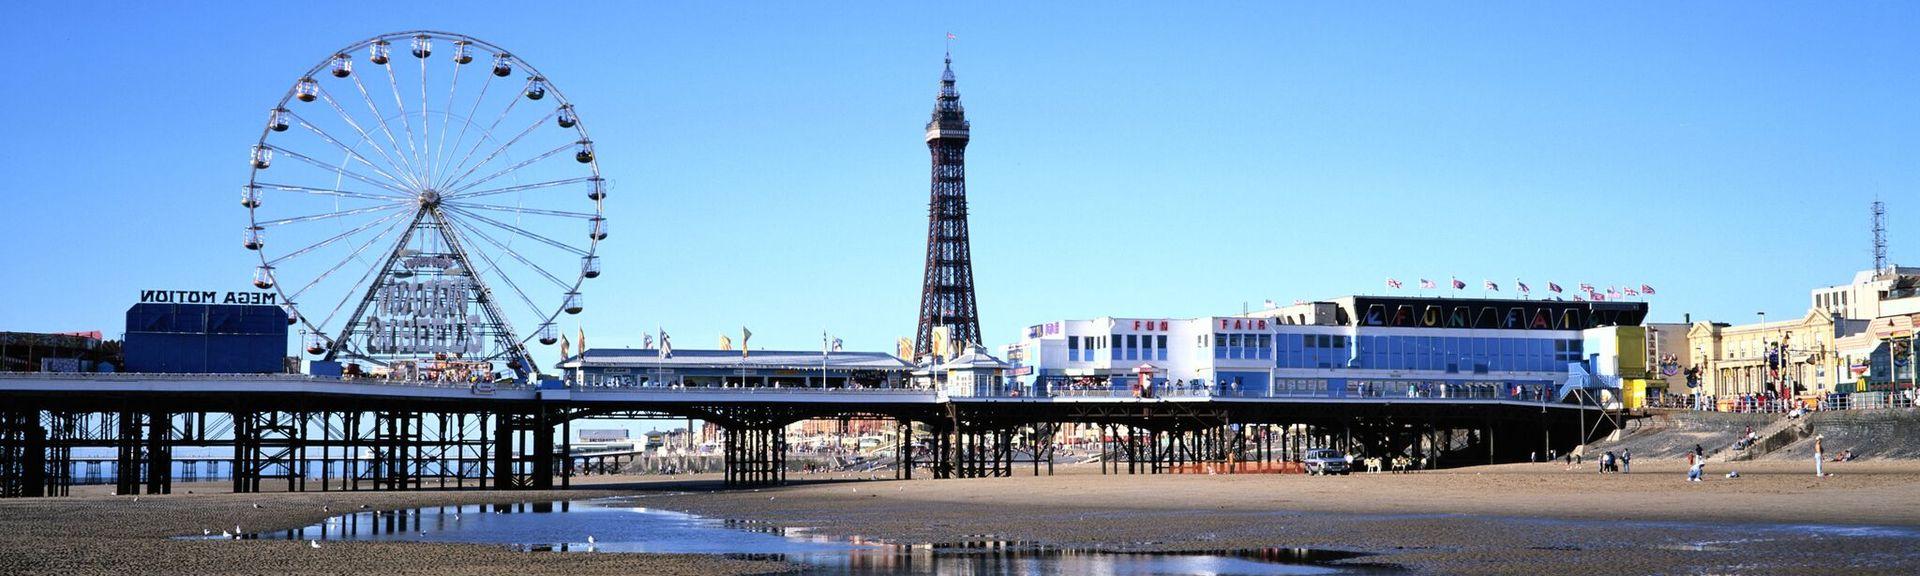 Blackpool, Lancashire, UK